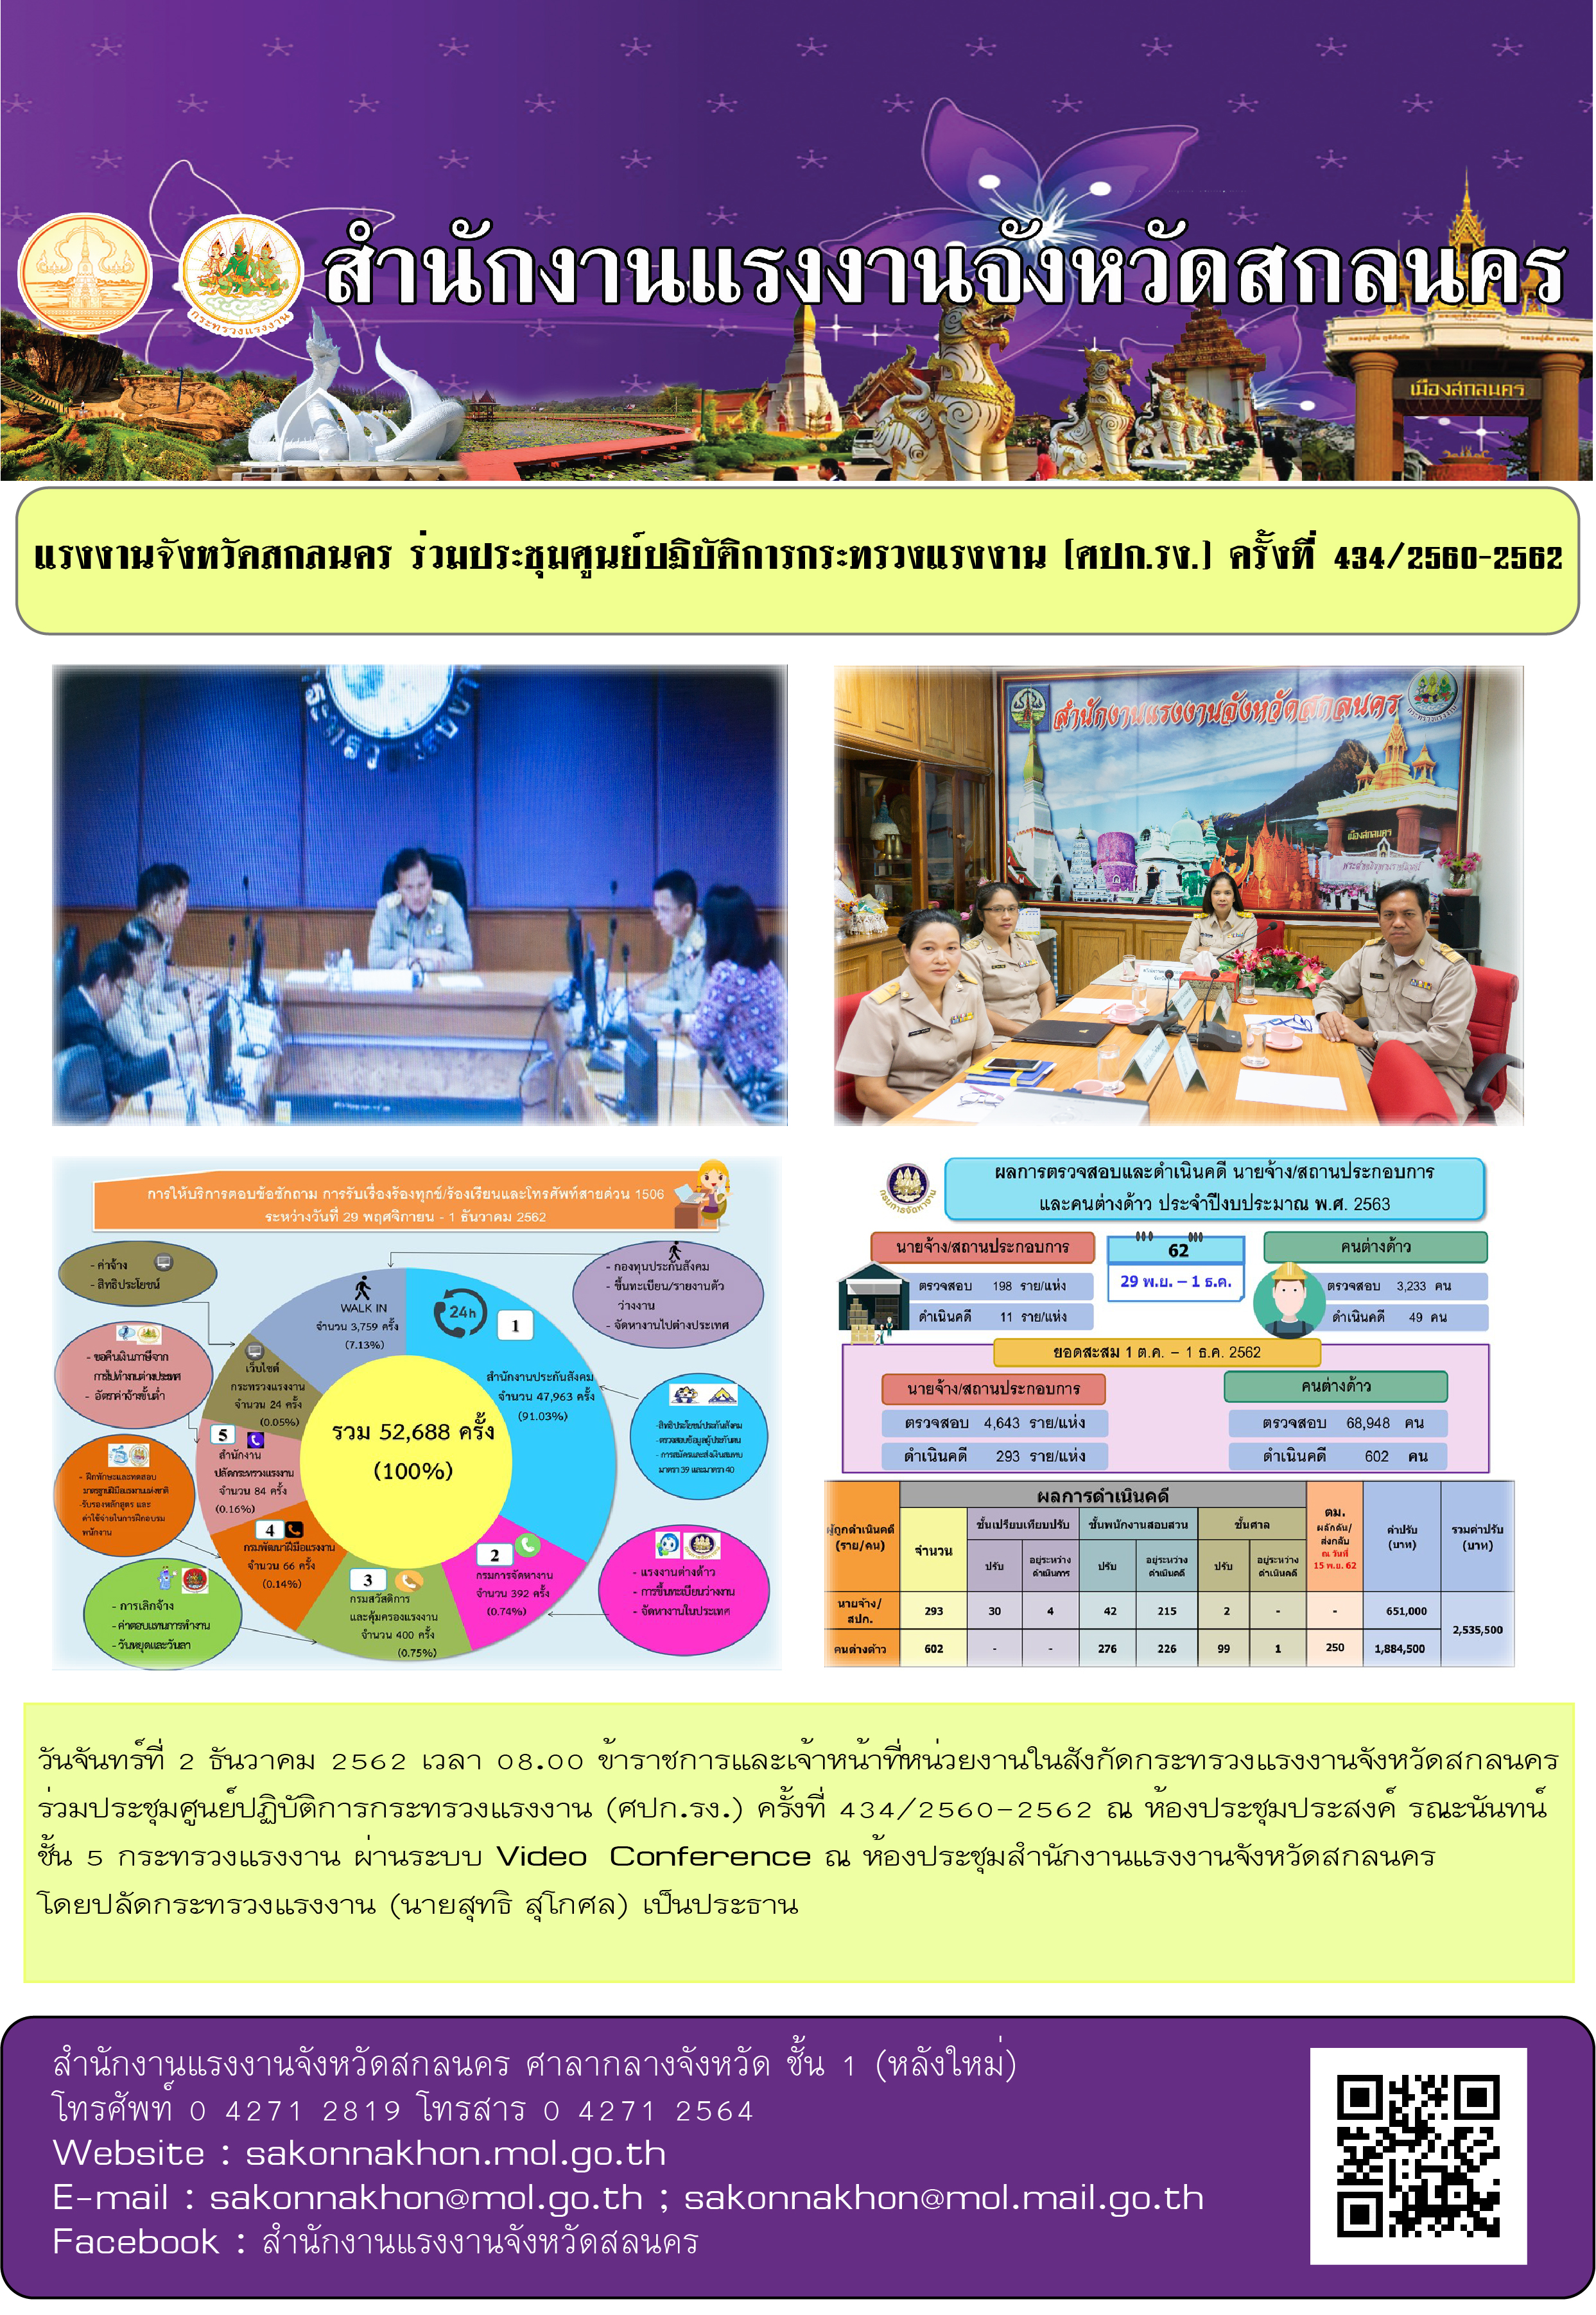 แรงงานจังหวัดสกลนคร  ร่วมประชุมศูนย์ปฏิบัติการกระทรวงแรงงาน (ศปก.รง.) ครั้งที่ 434/2560-2562